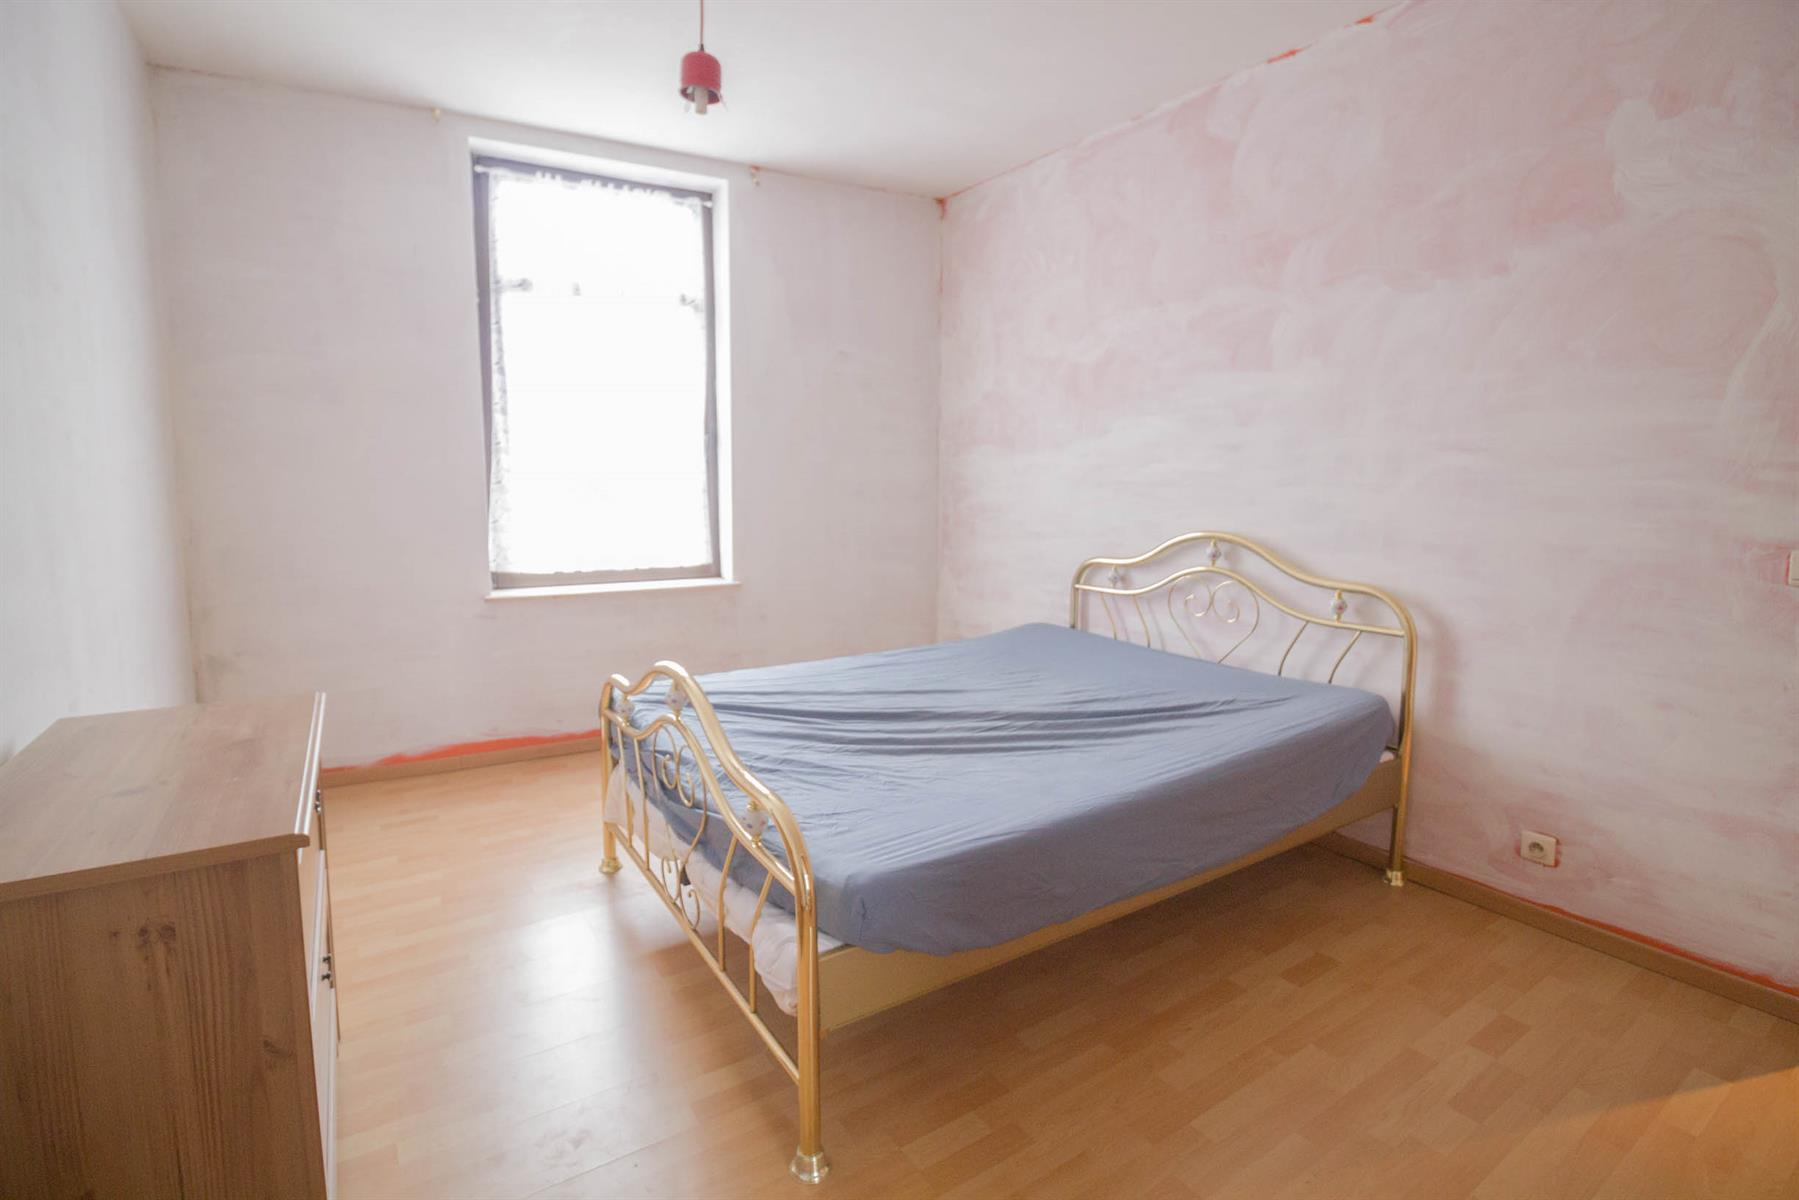 Maison - Trazegnies - #4416665-20